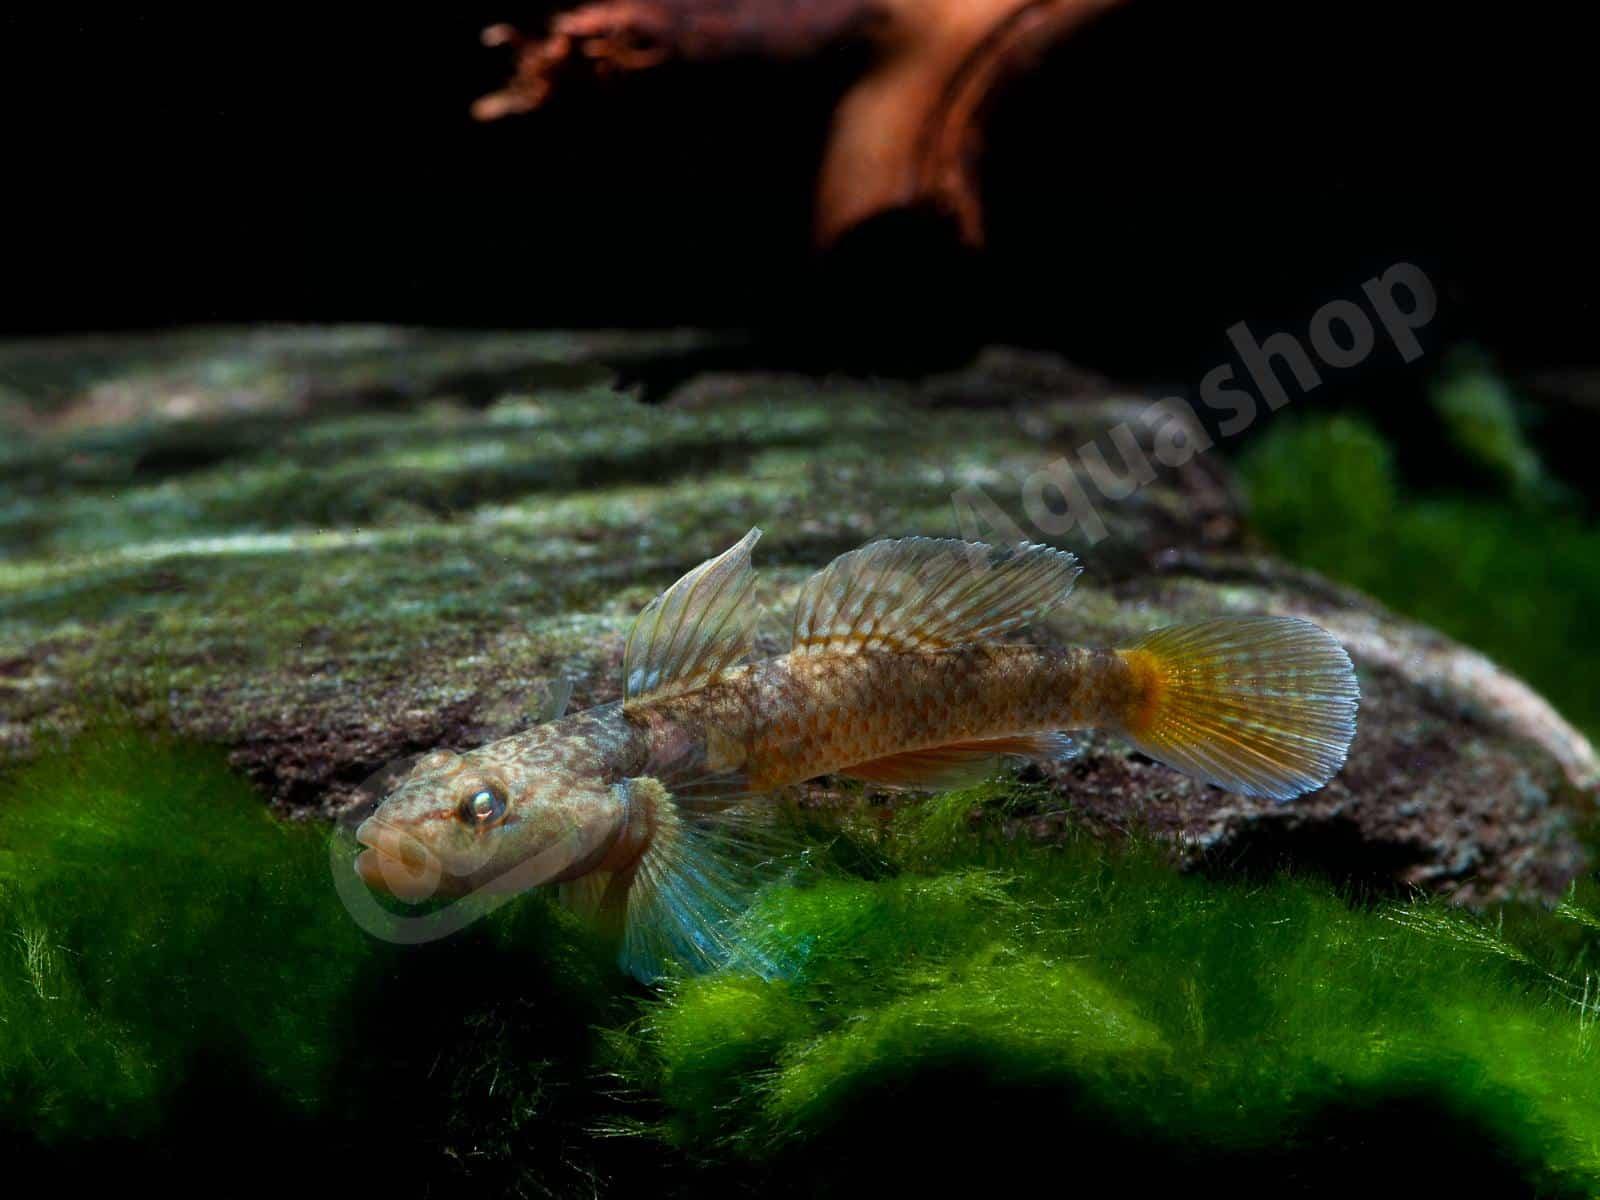 rhinogobius sp   hong kong  enrico richter 0097 7